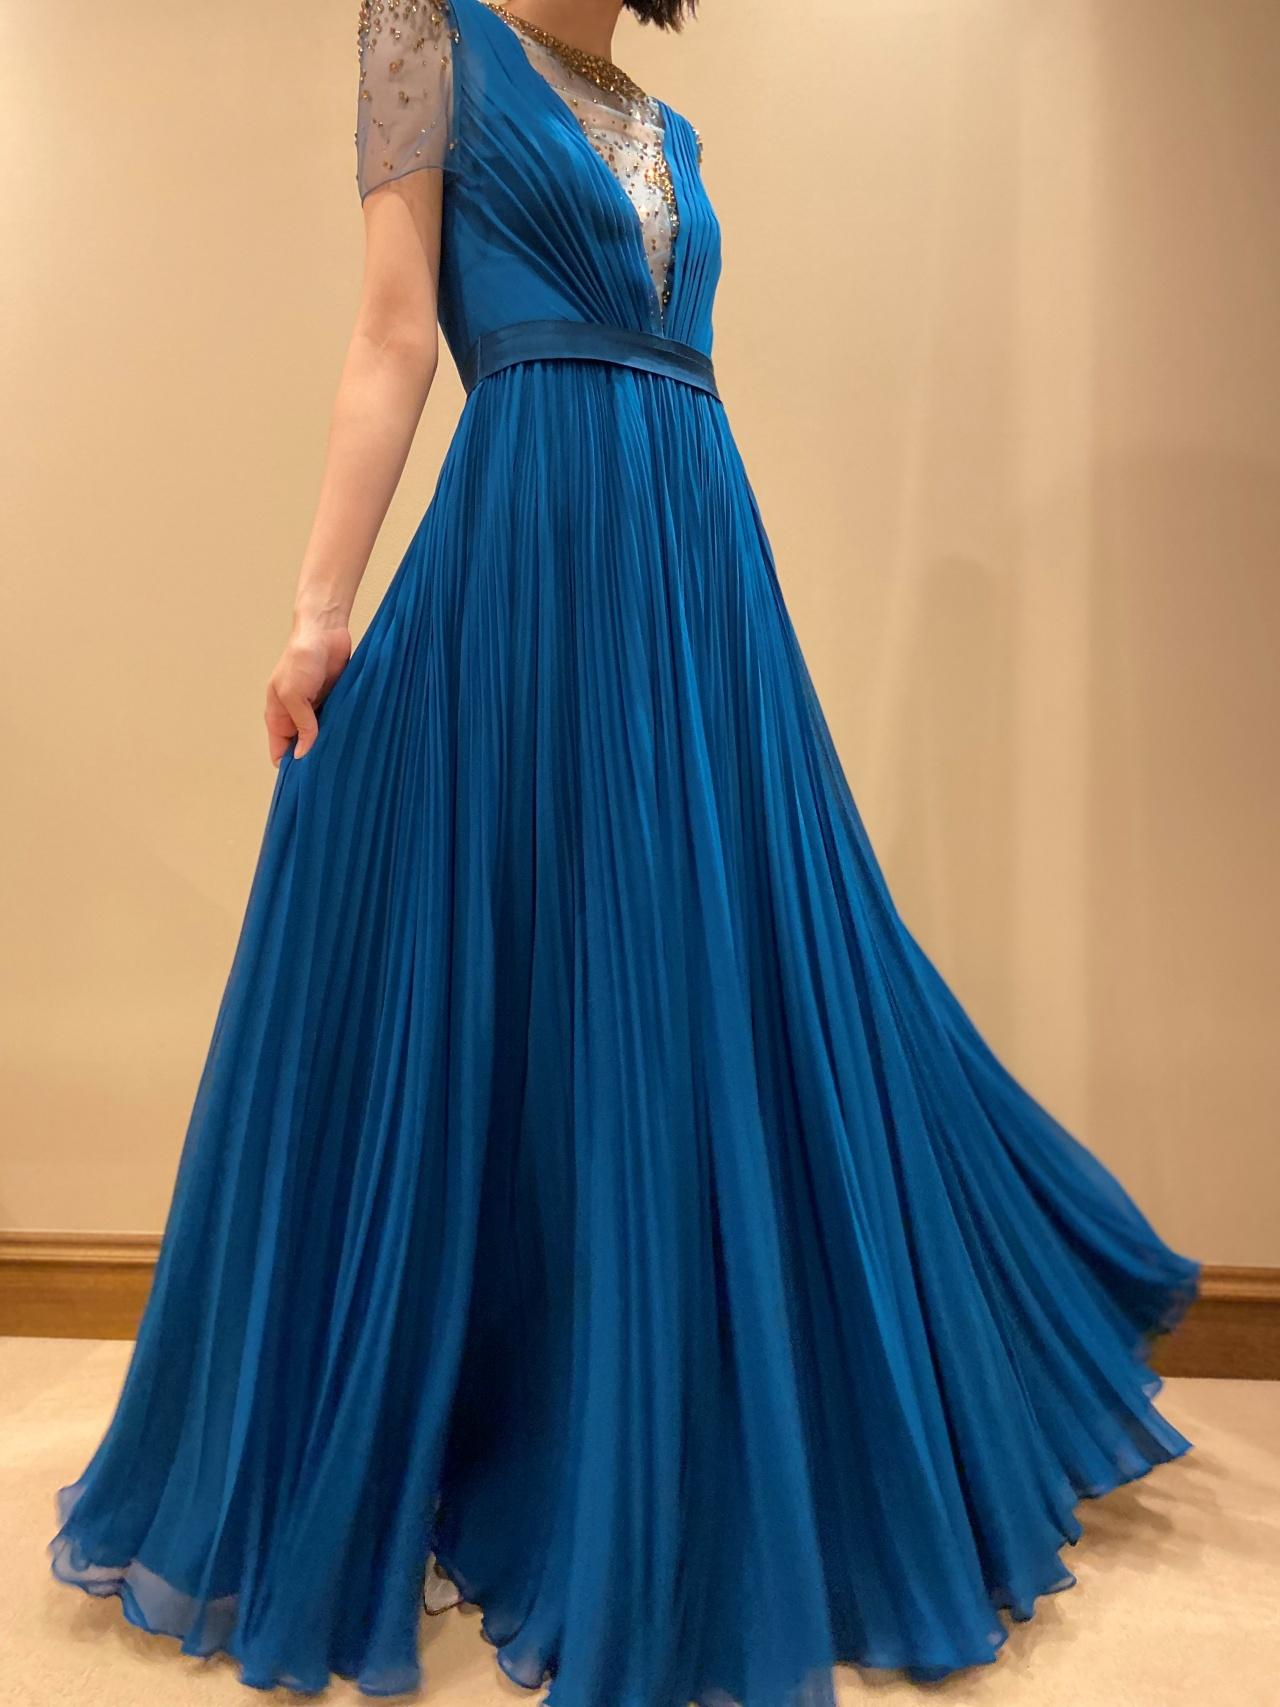 モードな花嫁におすすめのスタイリッシュなドレス